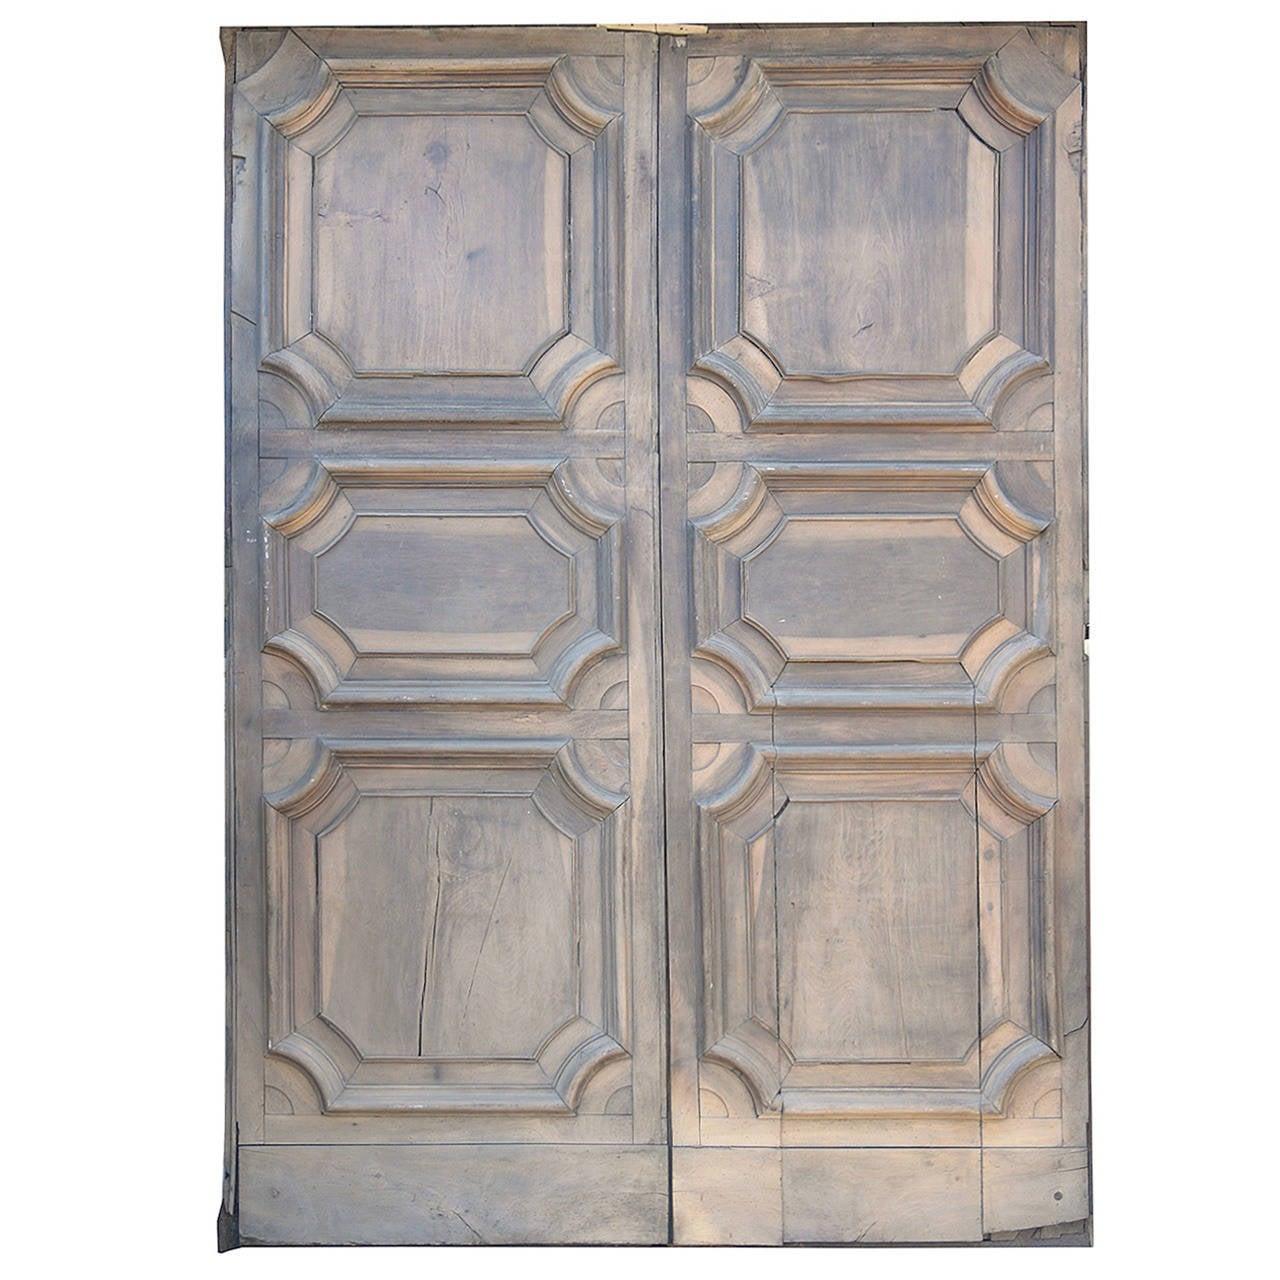 Antique Doorway with Original Door Inside Made of Walnut